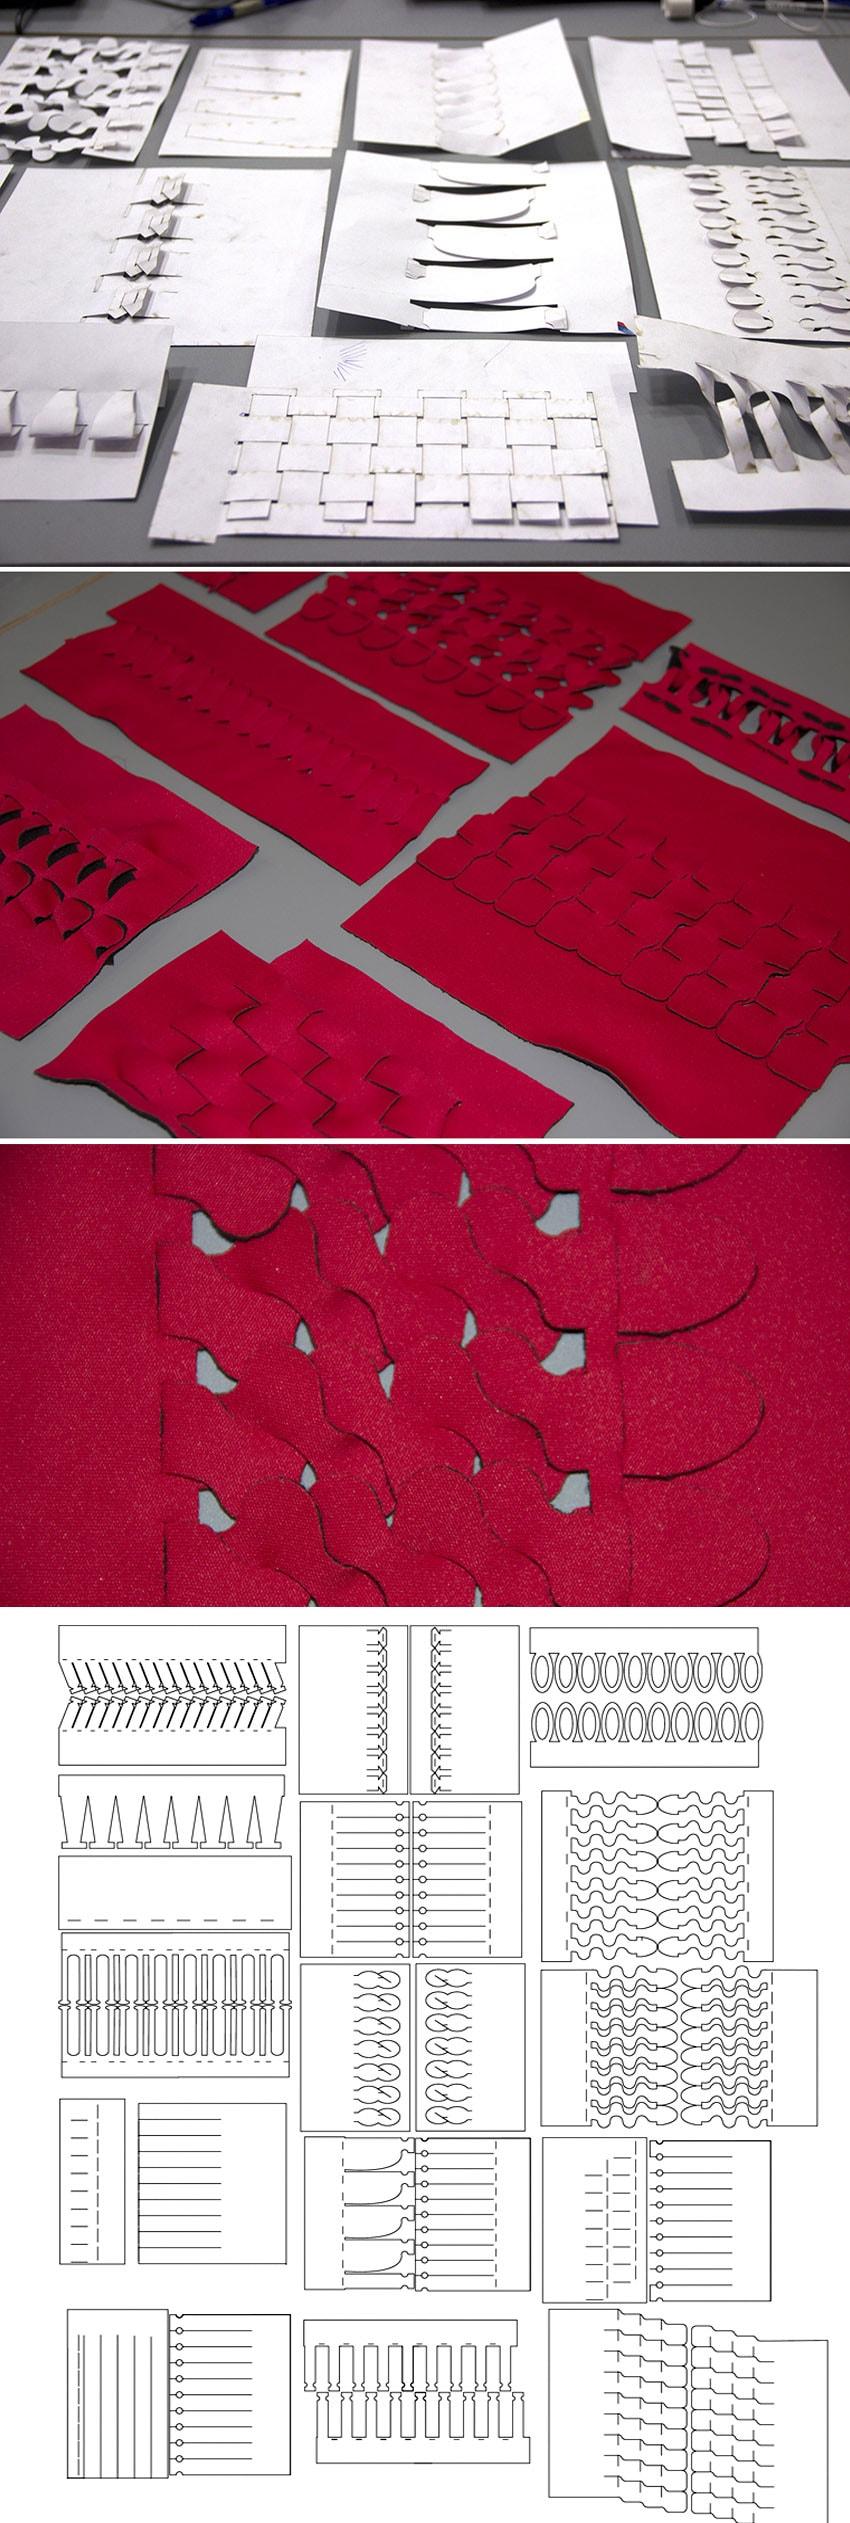 Arquiteta Anastasia Pistofidou criar roupas sem costura através de fabricação digital stylo urbano-1